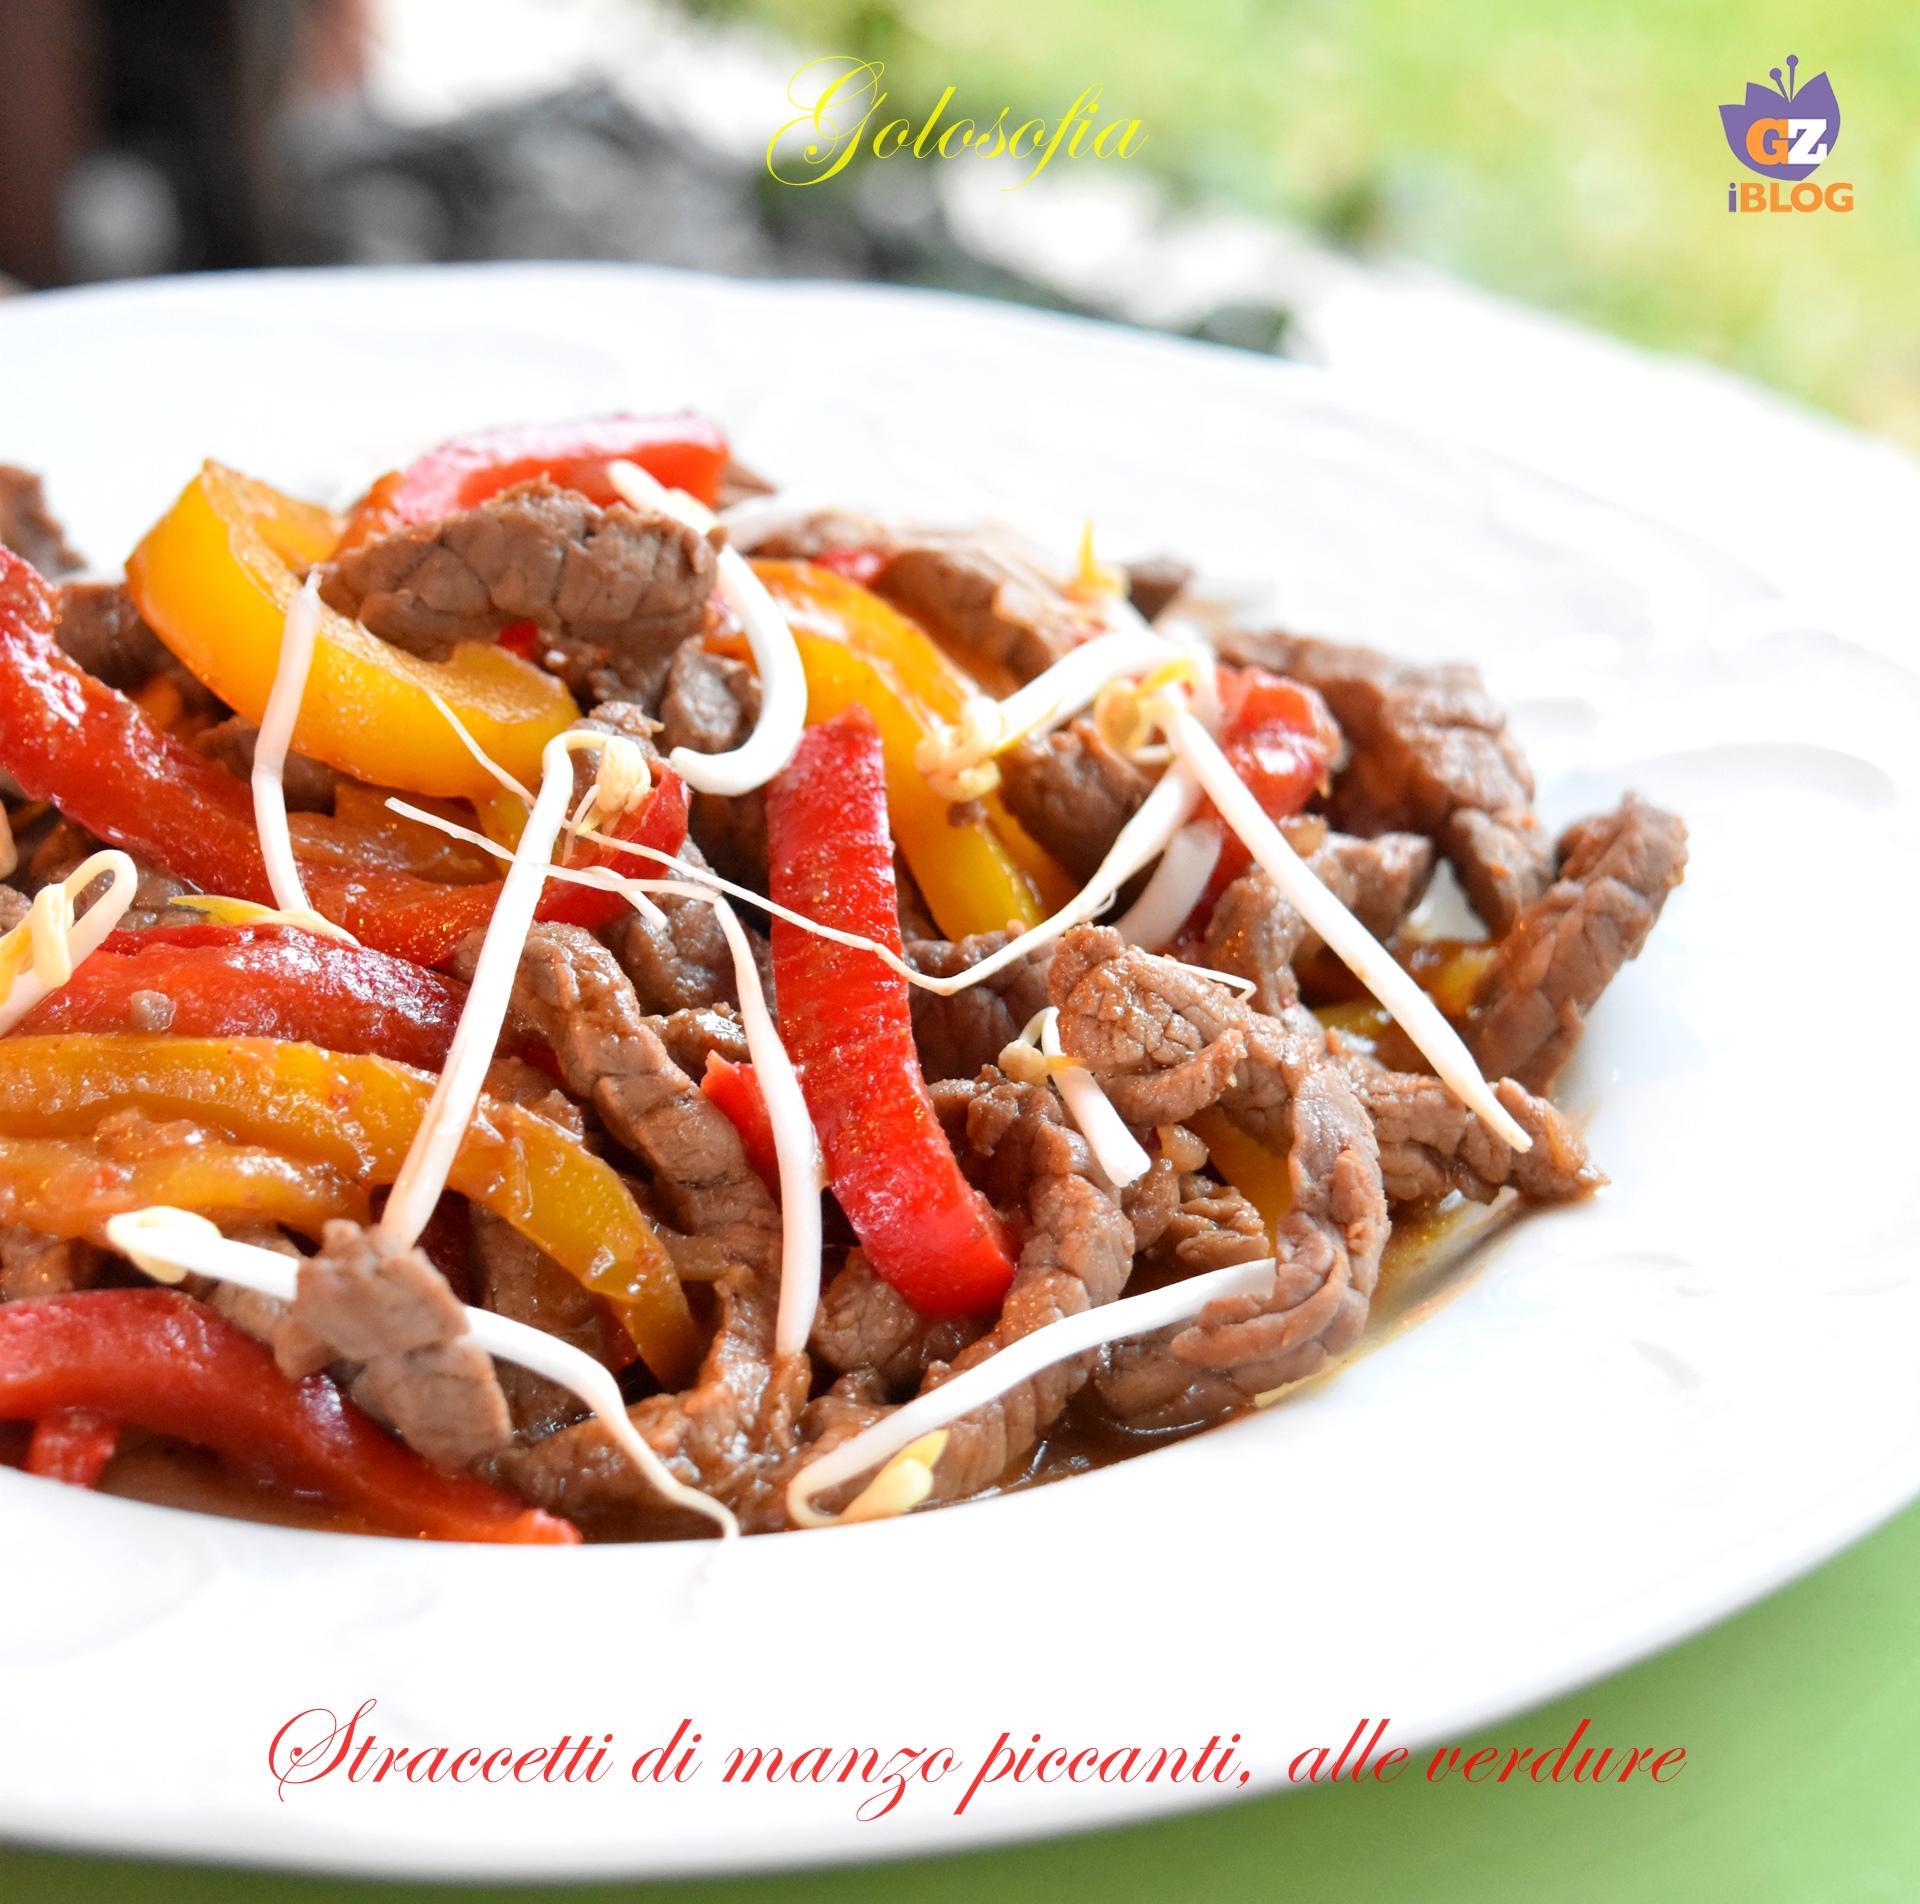 Straccetti di manzo piccanti, alle verdure, ricetta veloce e gustosa